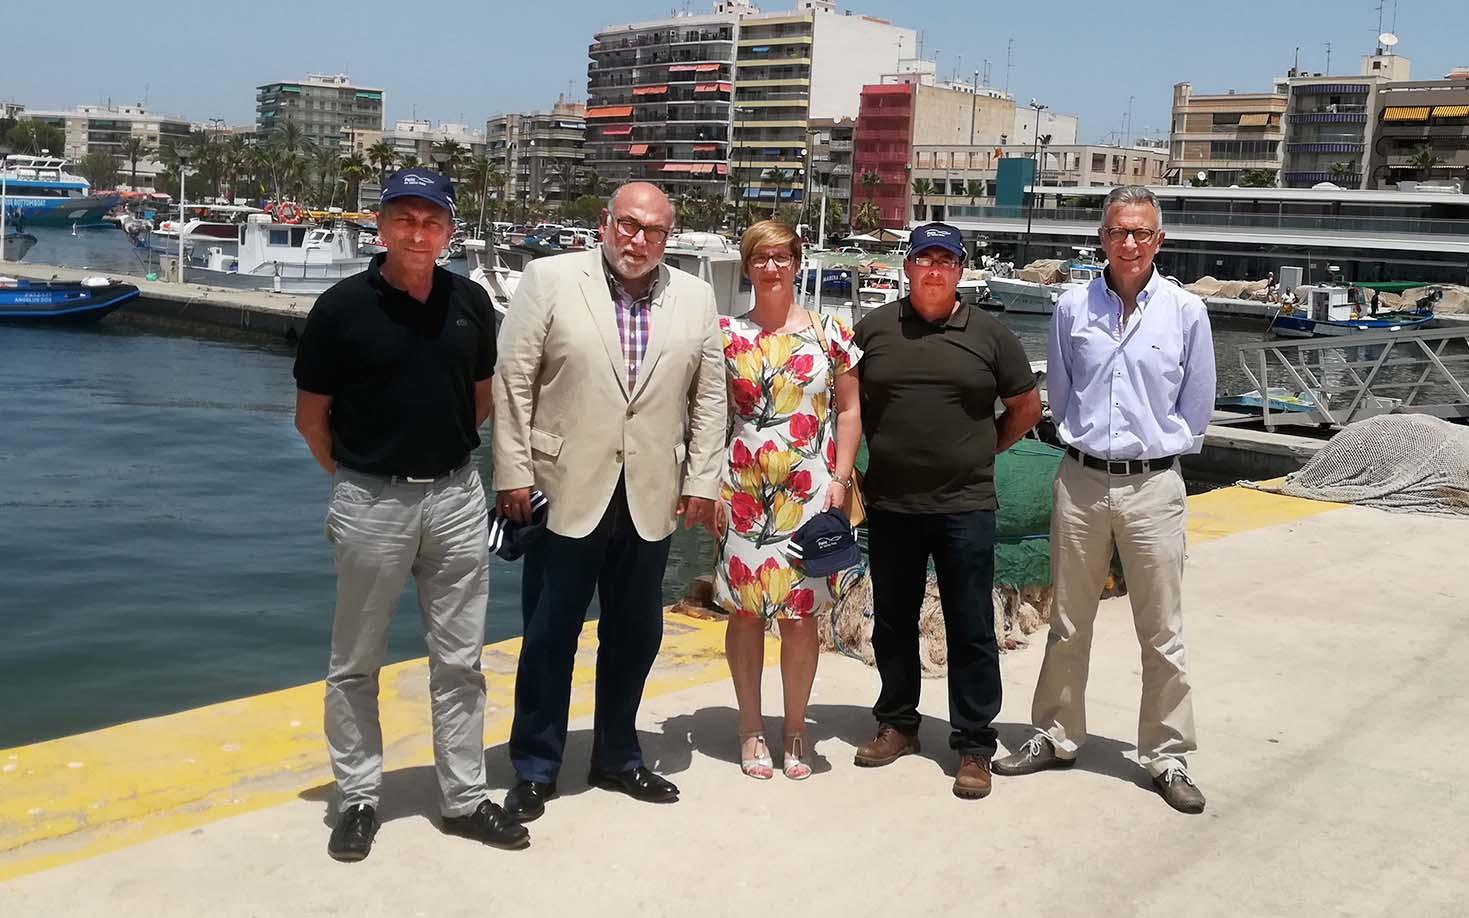 El Ayuntamiento de Santa Pola y la Cofradía de Pescadores presentan juntos iniciativas para mejorar la actividad pesquera y comercial